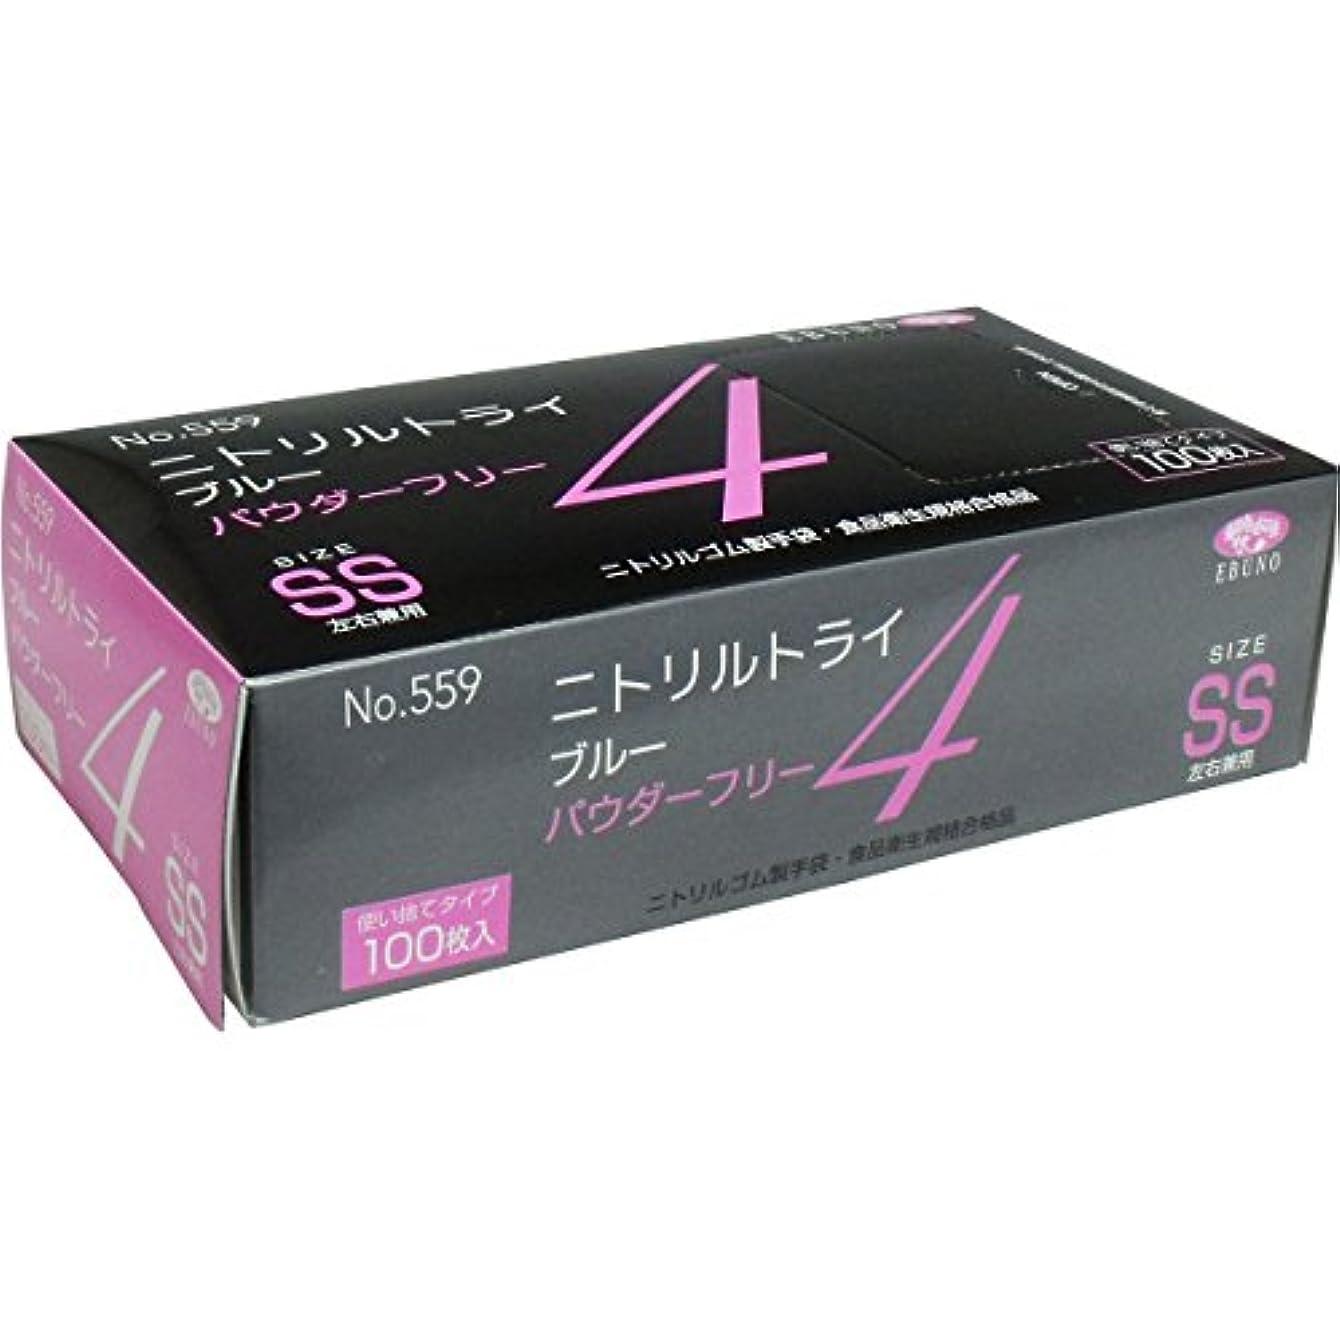 ニトリルトライ4 №559 ブルー 粉無 SSサイズ 100枚入